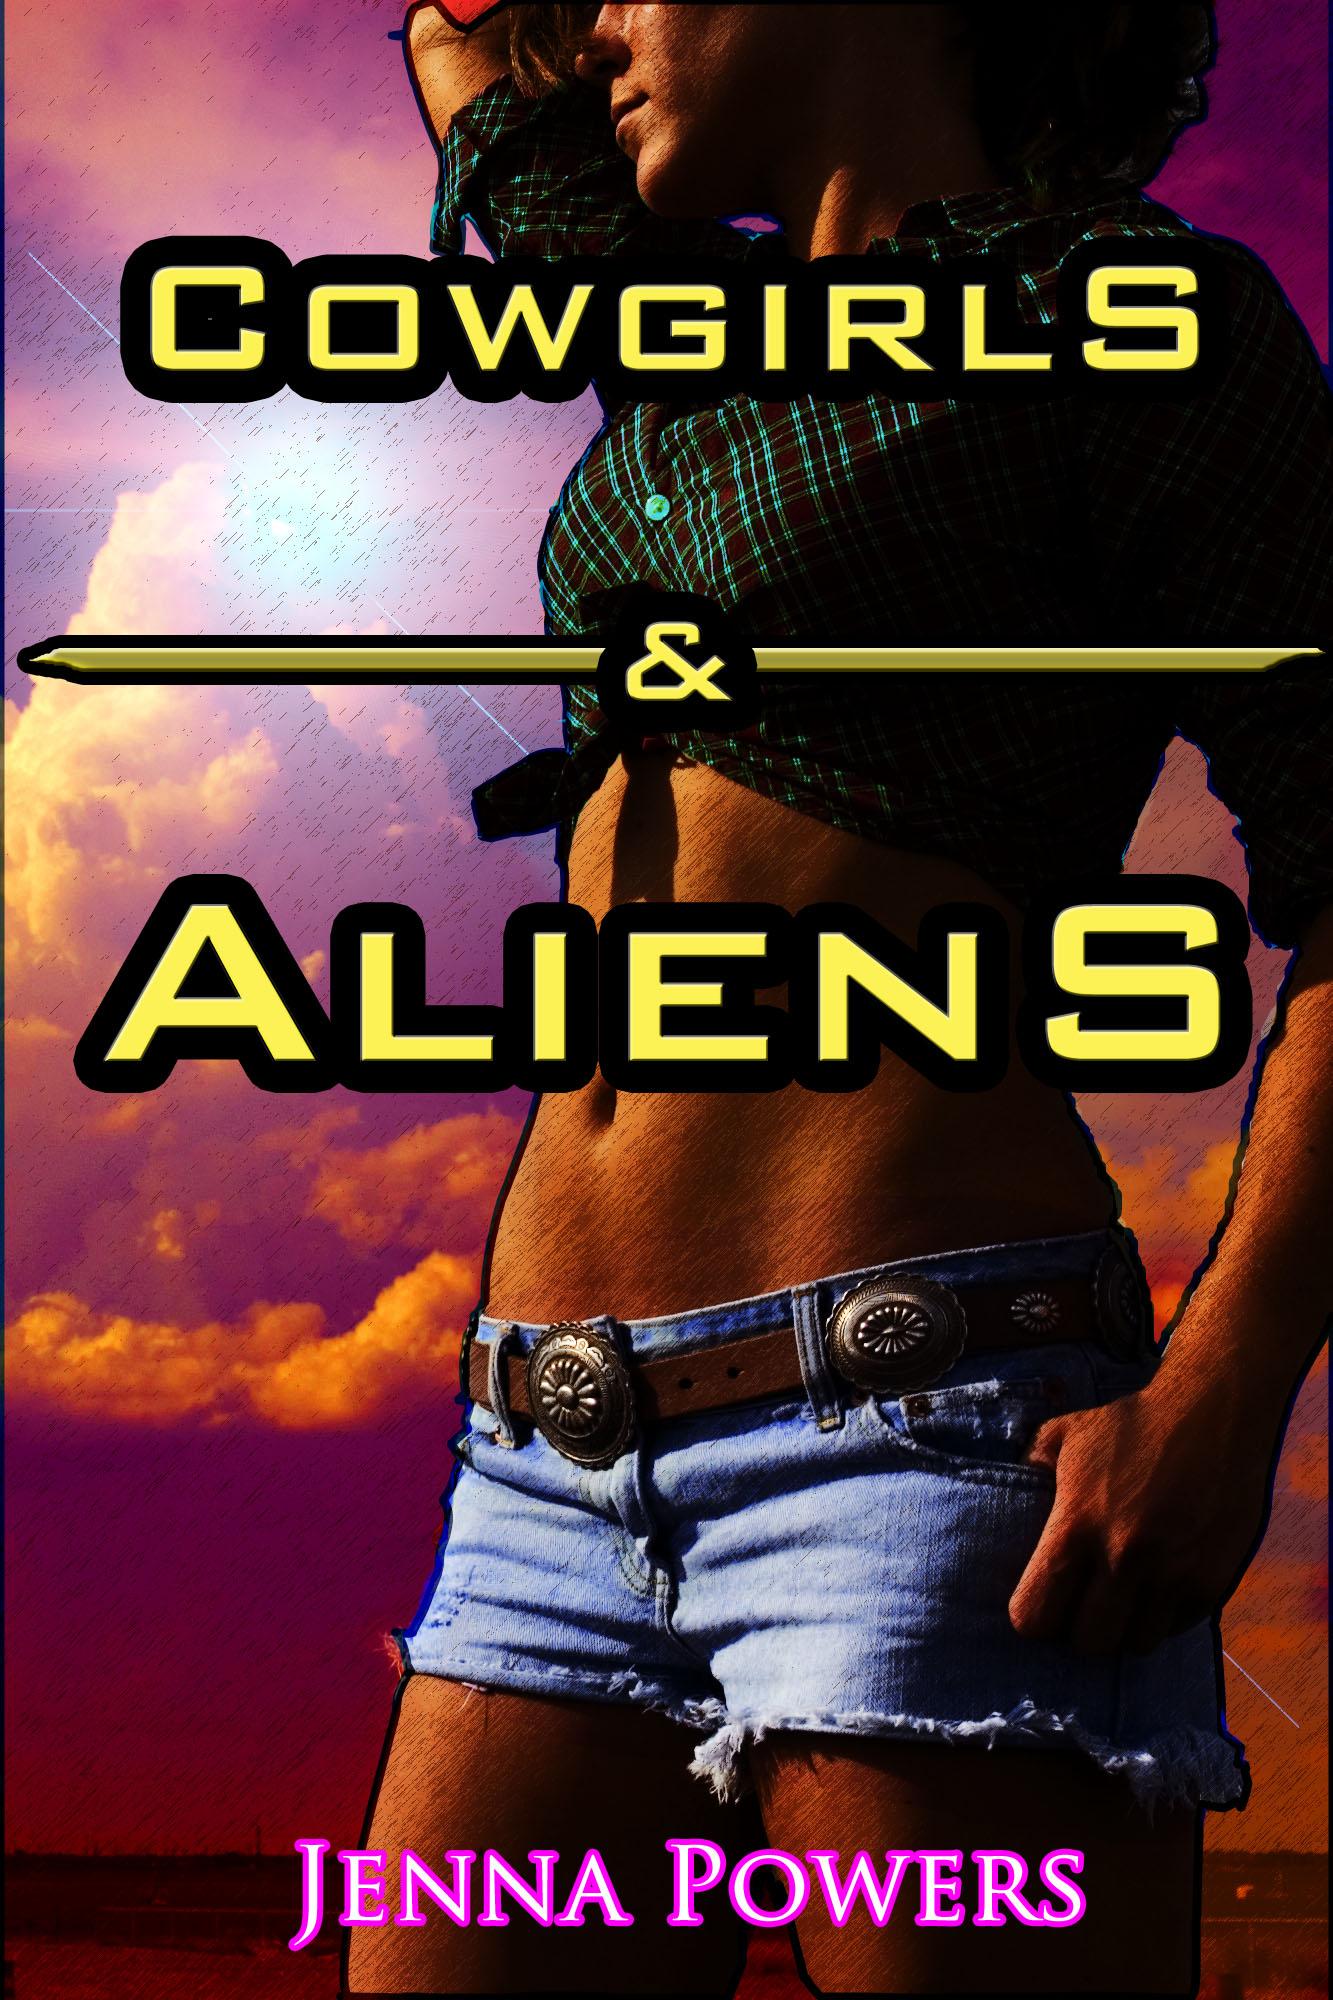 Alien Gangbang cowgirls and aliens (alien gangbang sex), an ebookjenna powers